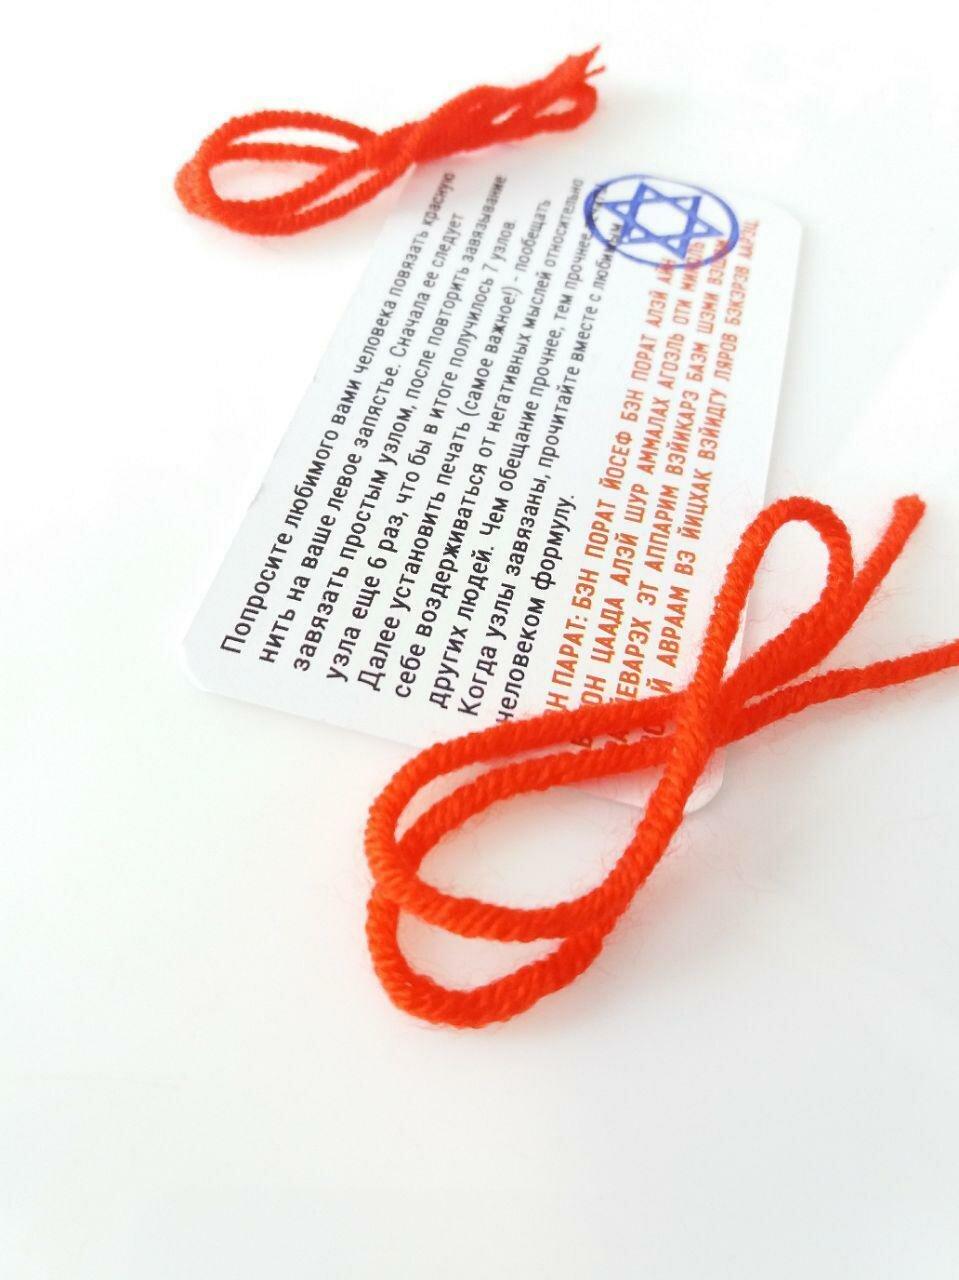 притчи весьма какие пожелания на красную веревочку добродушны дружелюбны, легко